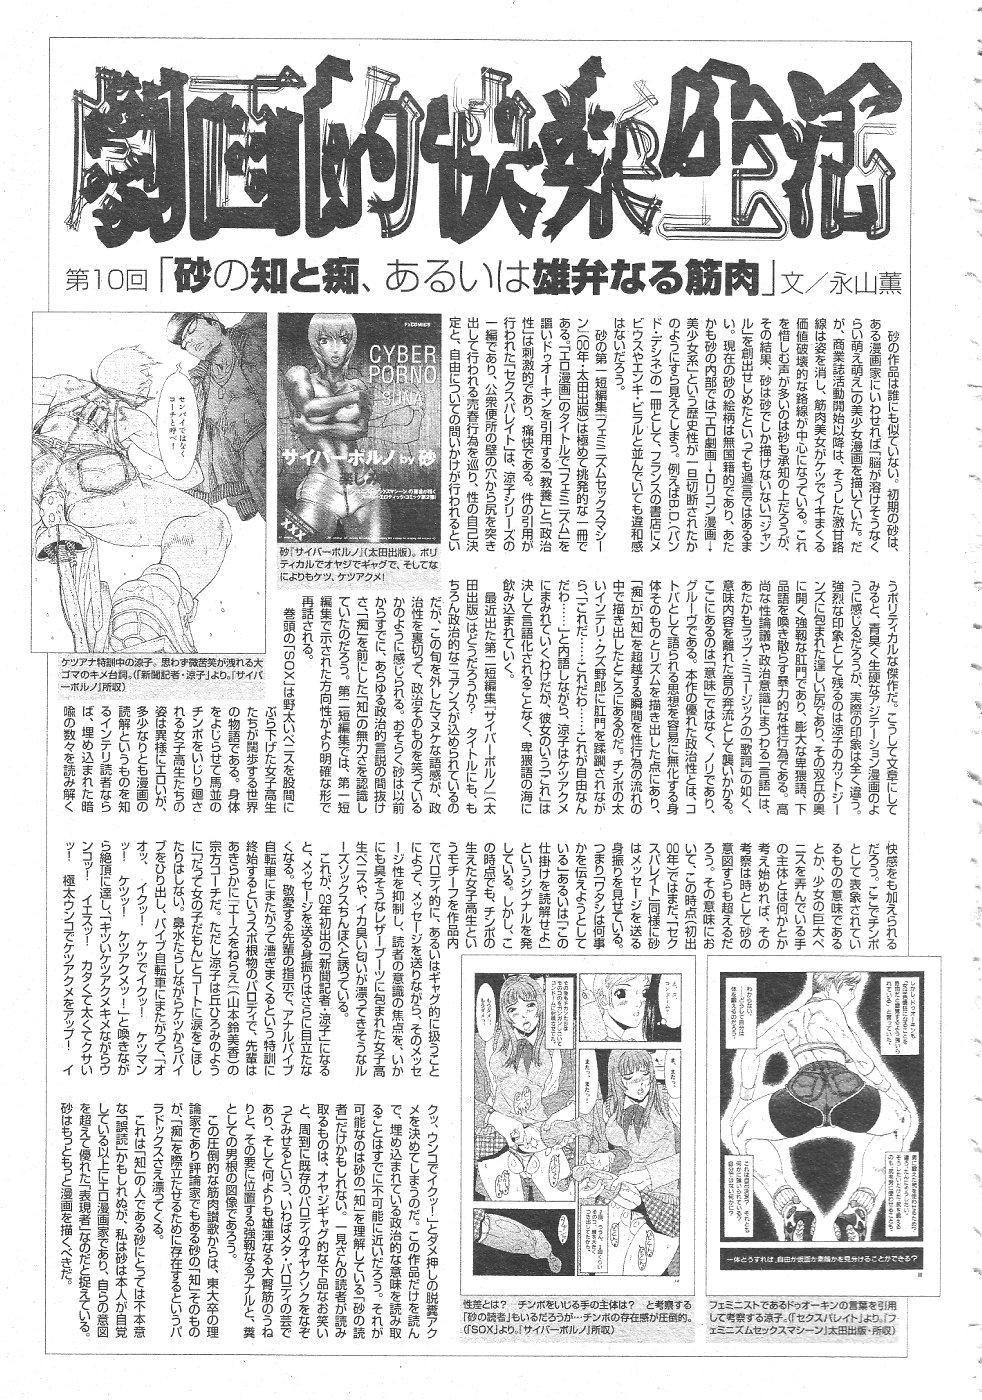 Gekkan Comic Muga 2004-06 Vol.10 298